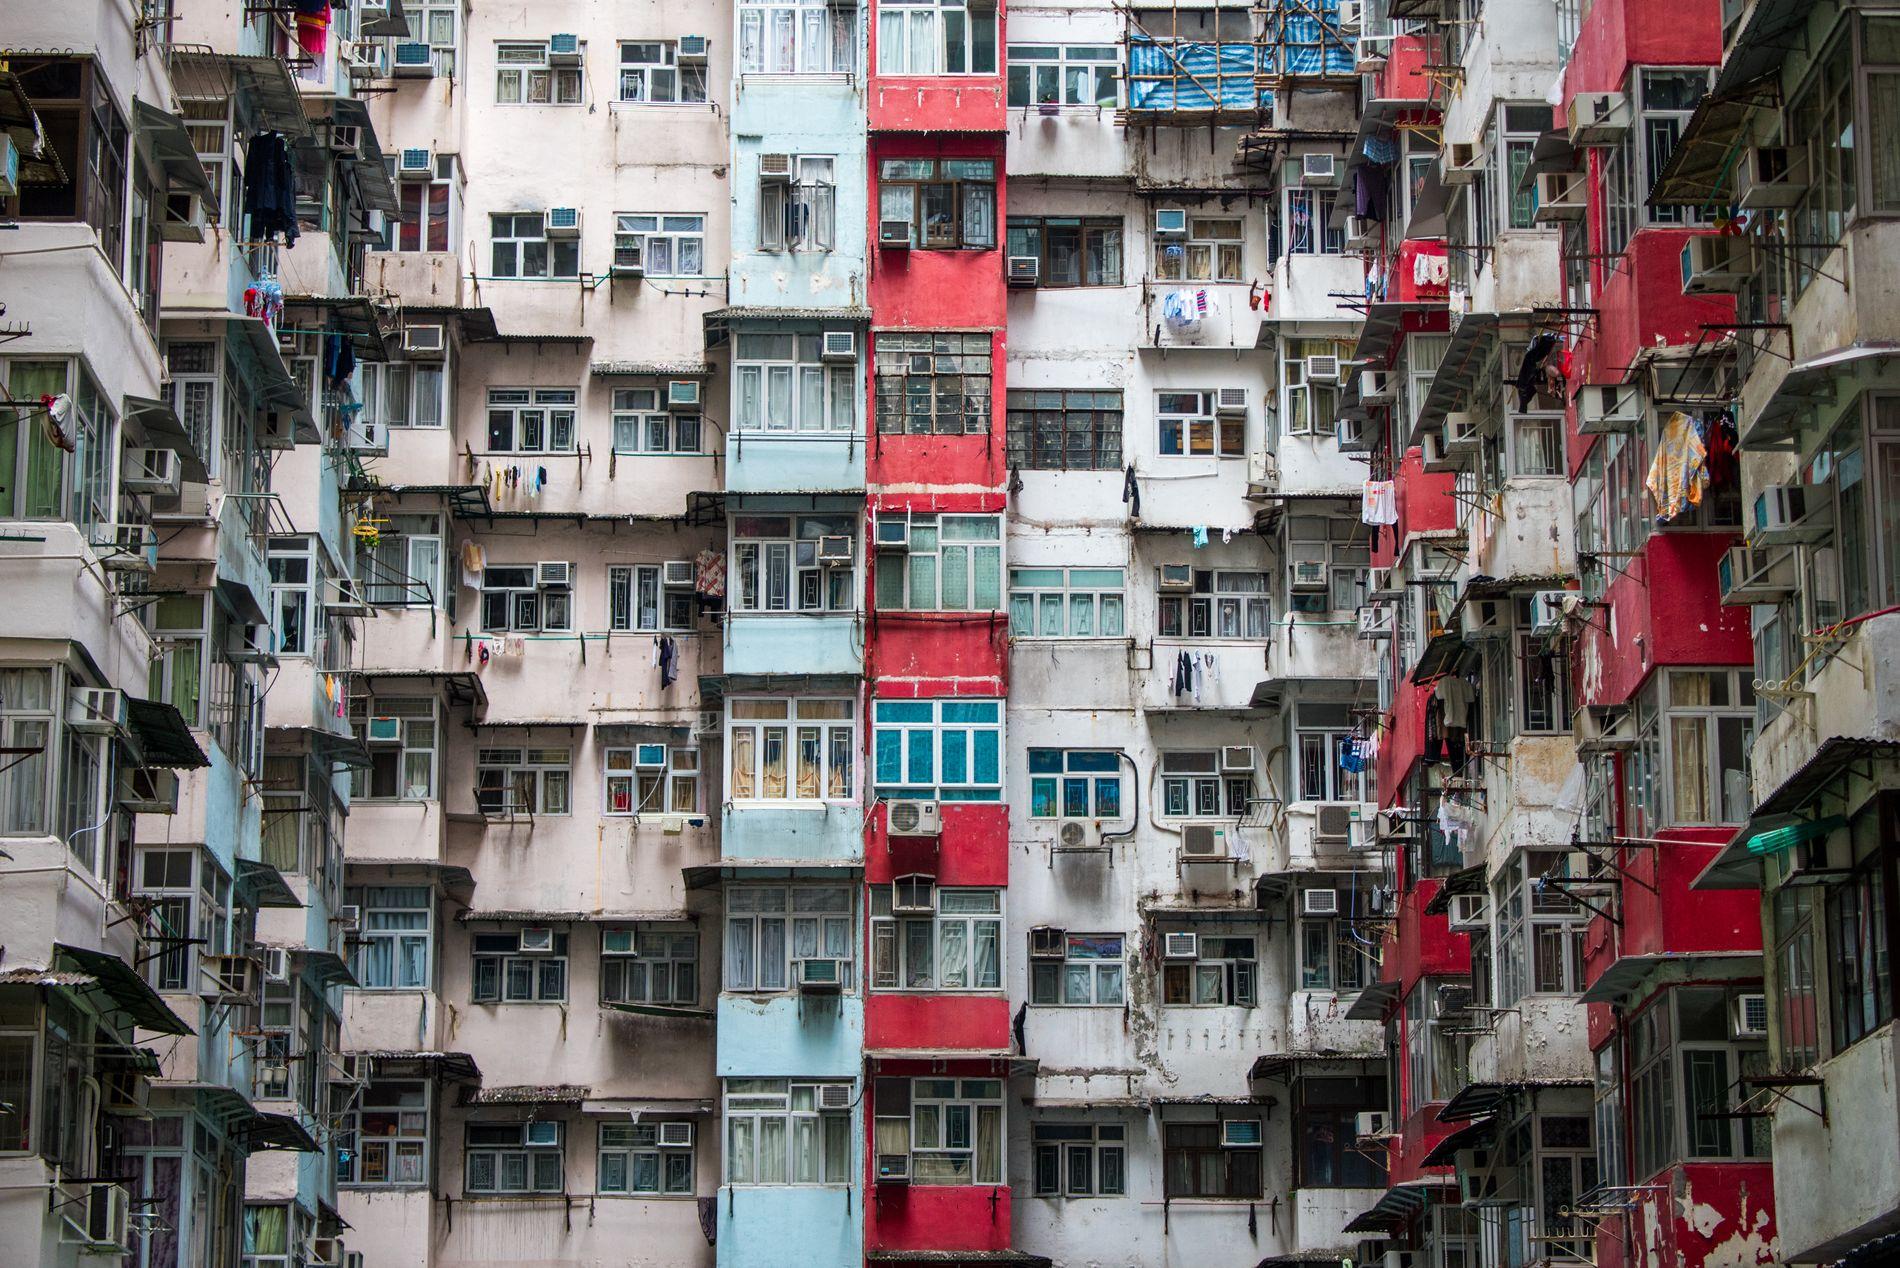 STERK ØKNING: Jordens befolkning har eksplodert til ca syv milliarder. Bildet er fra en boligblokk i Quarry Bay, Hongkong.